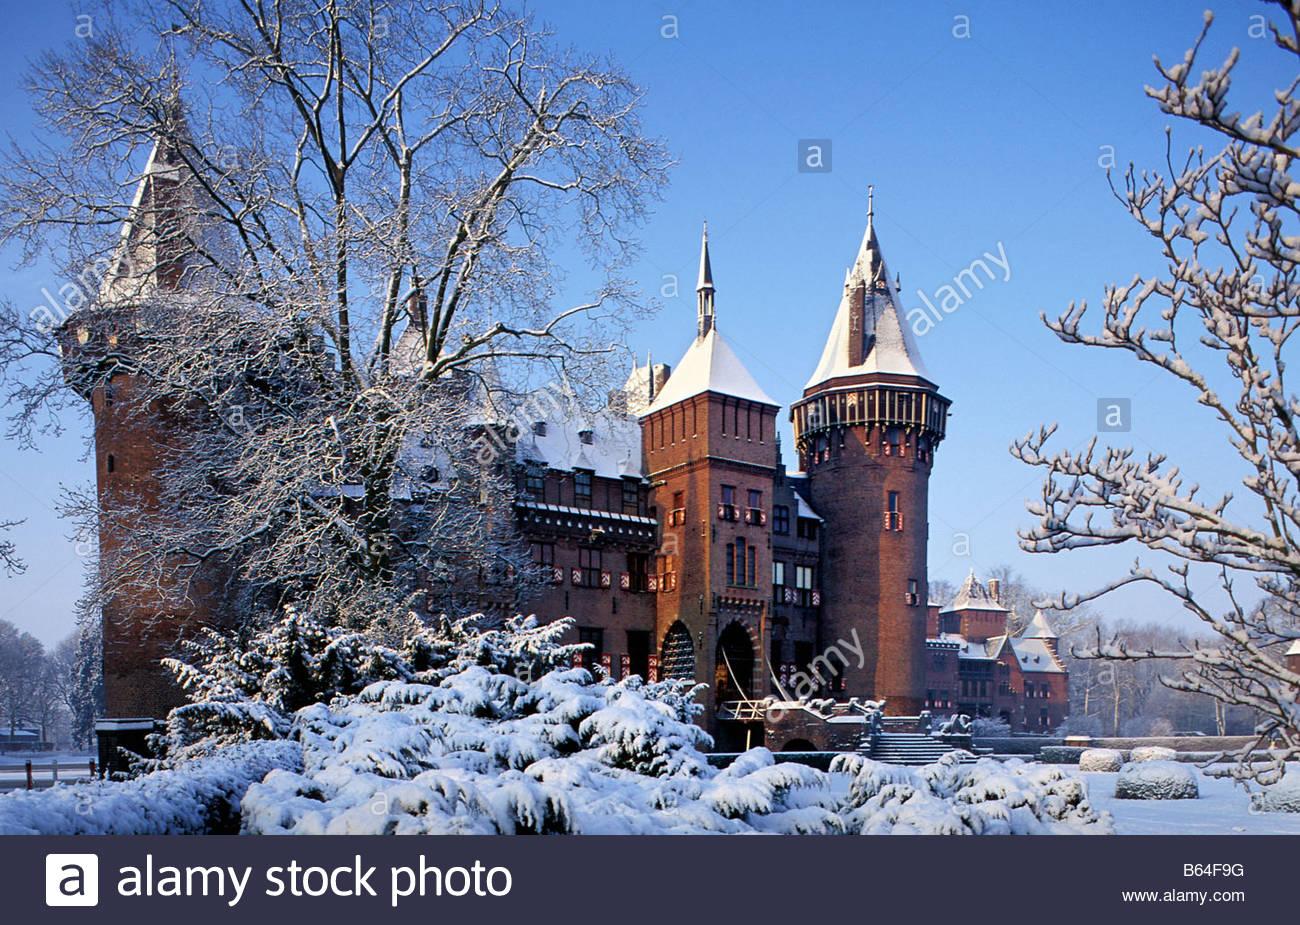 holland the netherlands haarzuilens castle called de. Black Bedroom Furniture Sets. Home Design Ideas